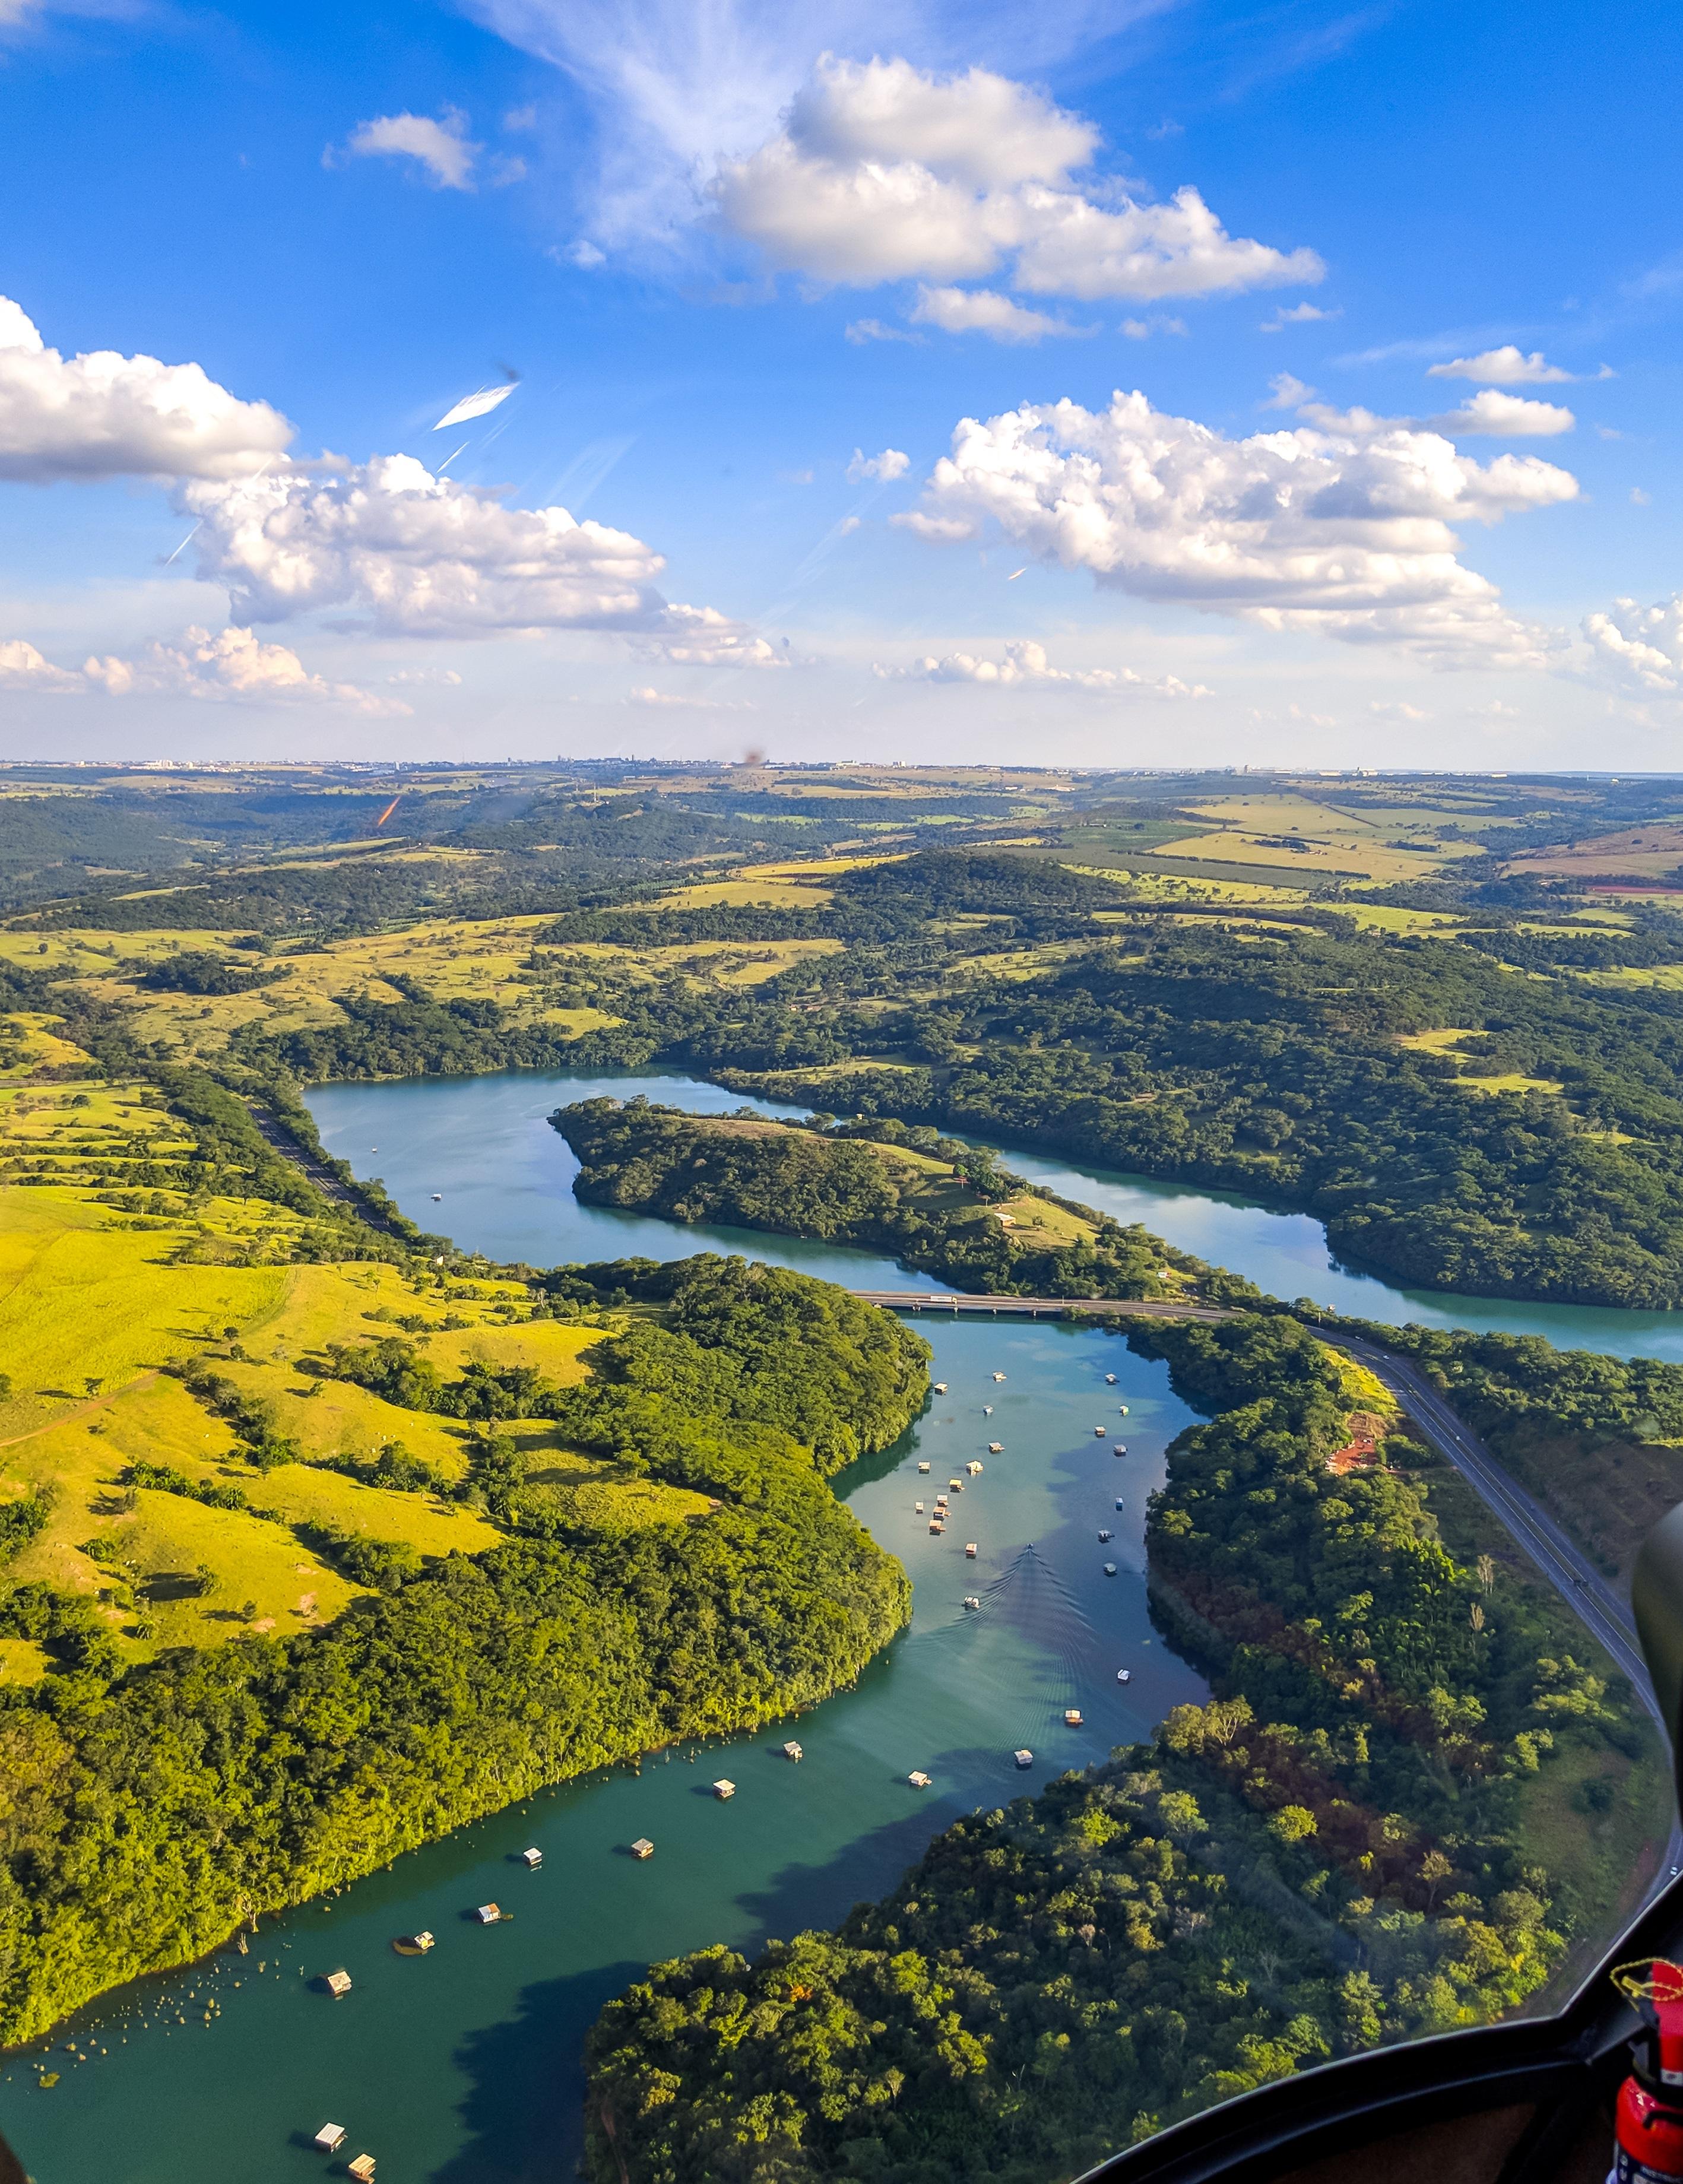 O período de estiagem começou e aumenta preocupação na bacia hidrográfica do rio Paranaíba